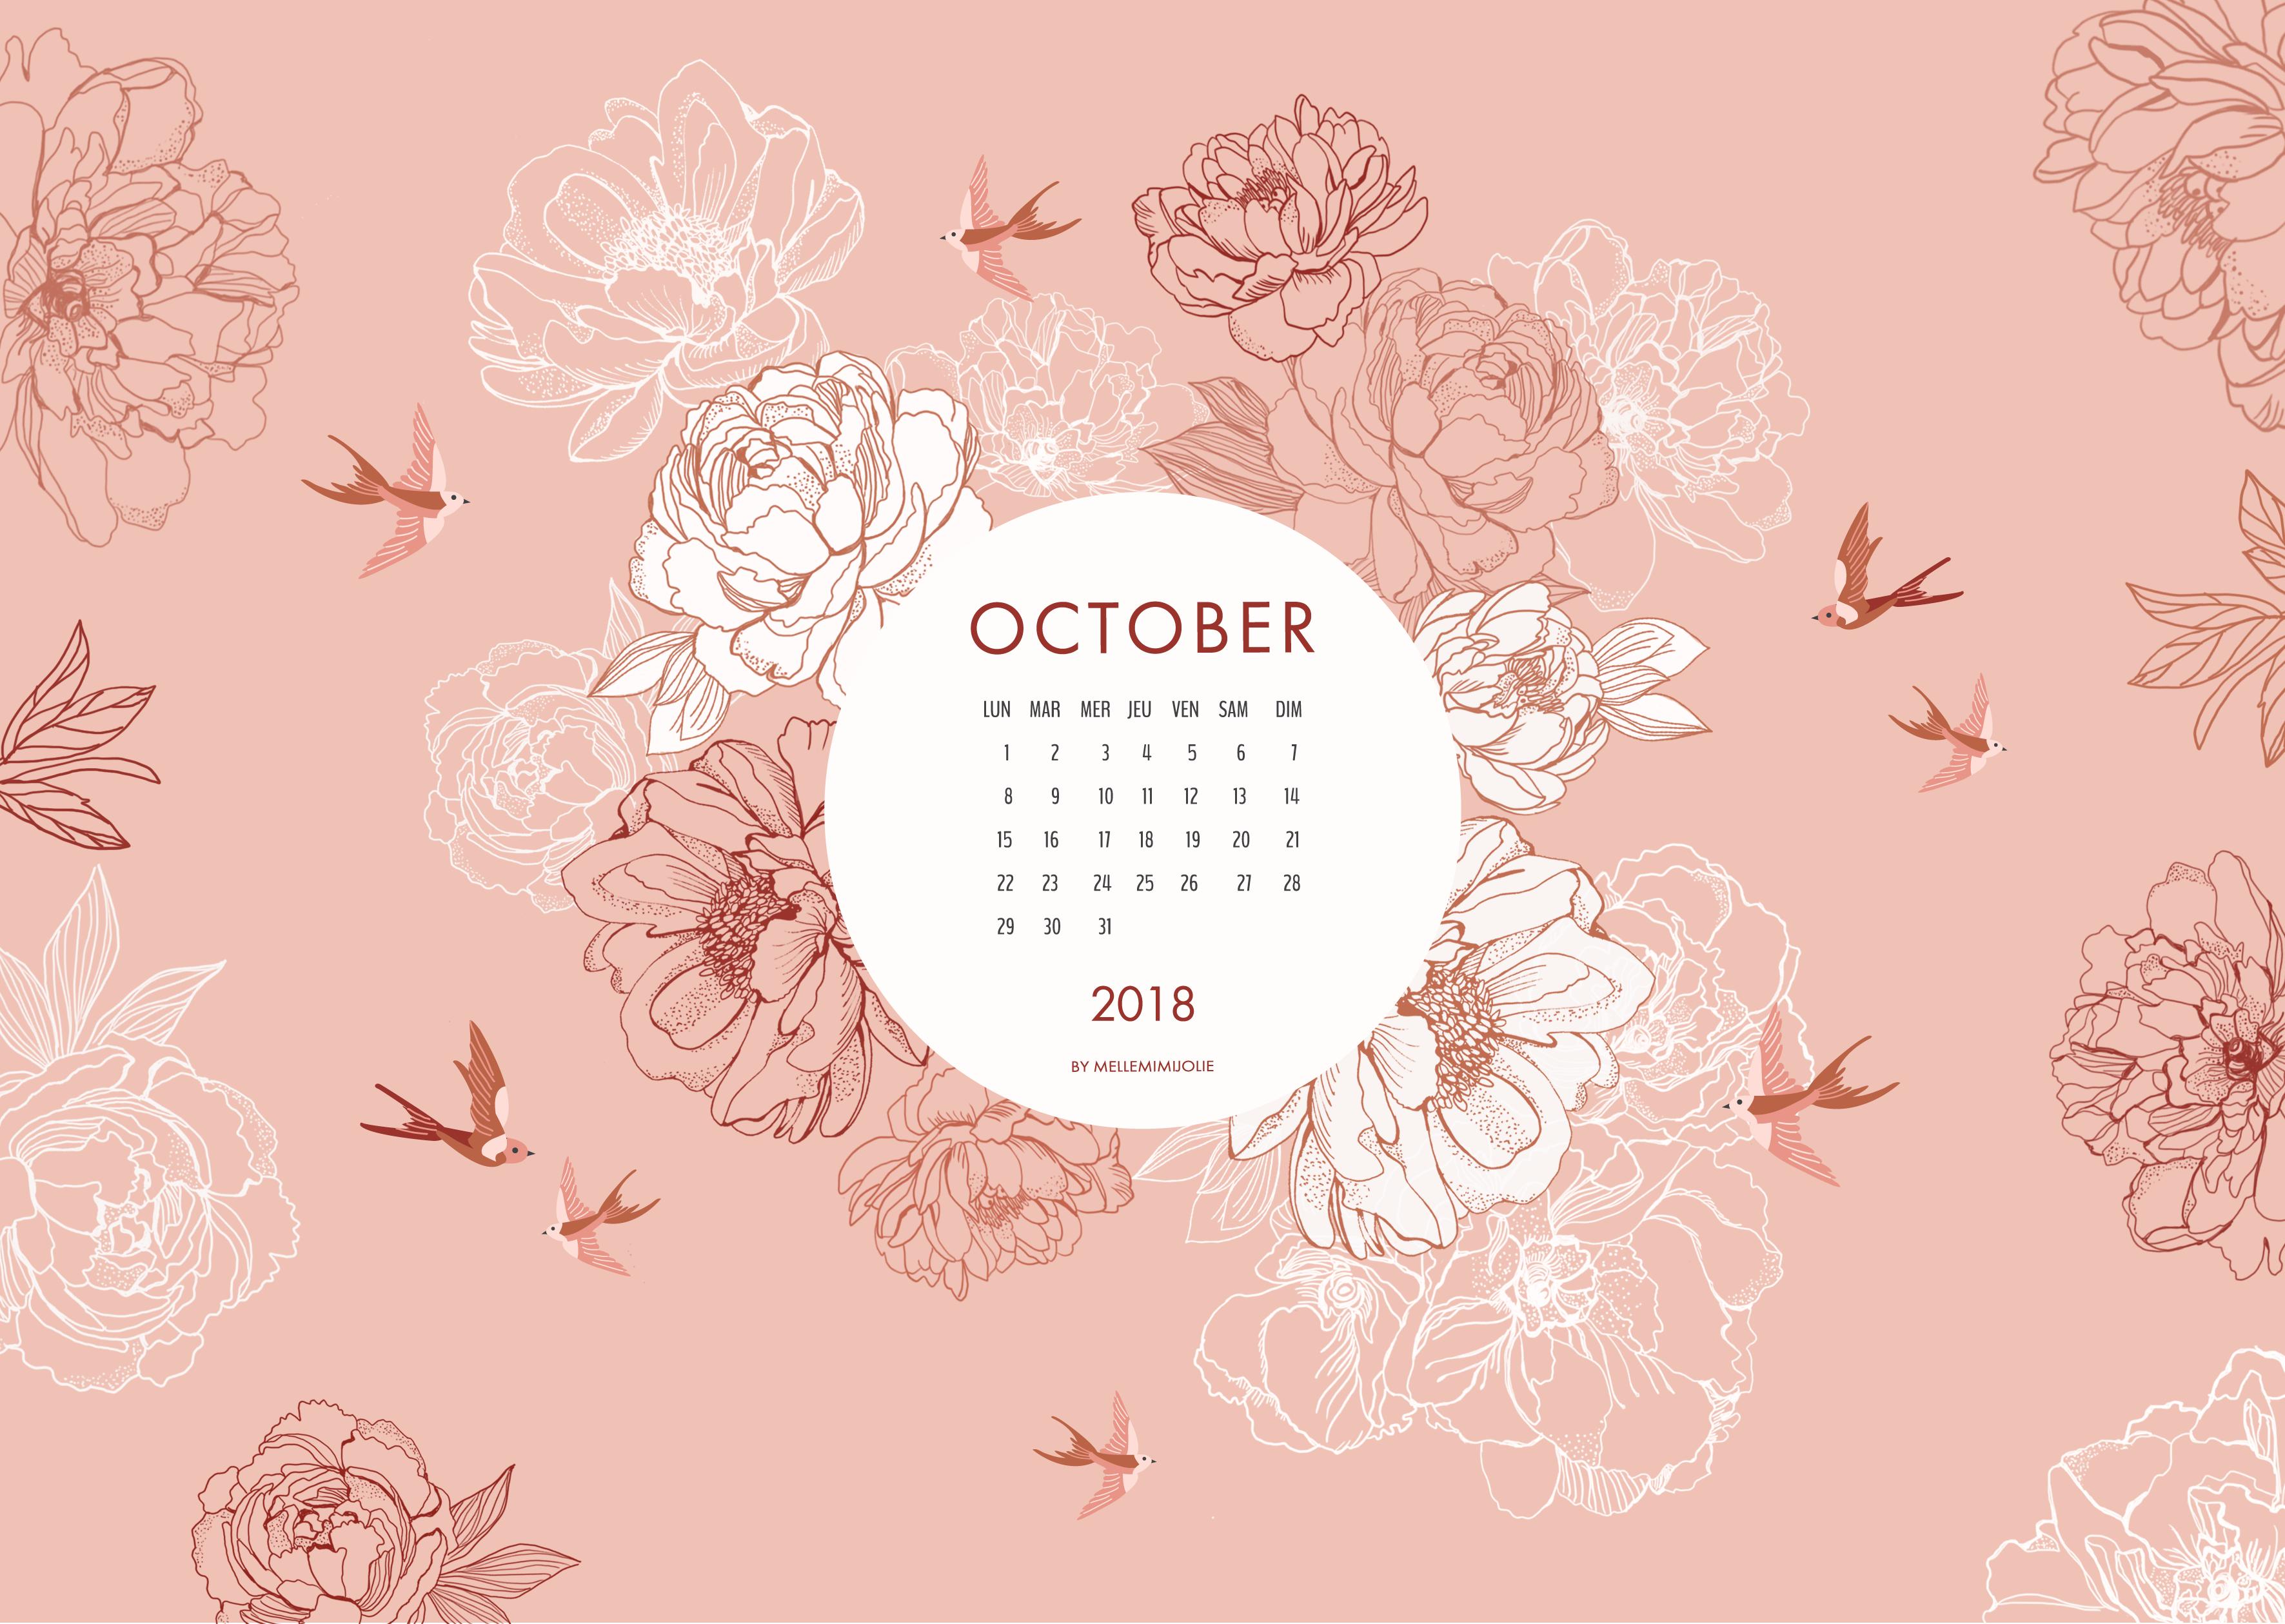 peonie-octobre2018-mimijolie